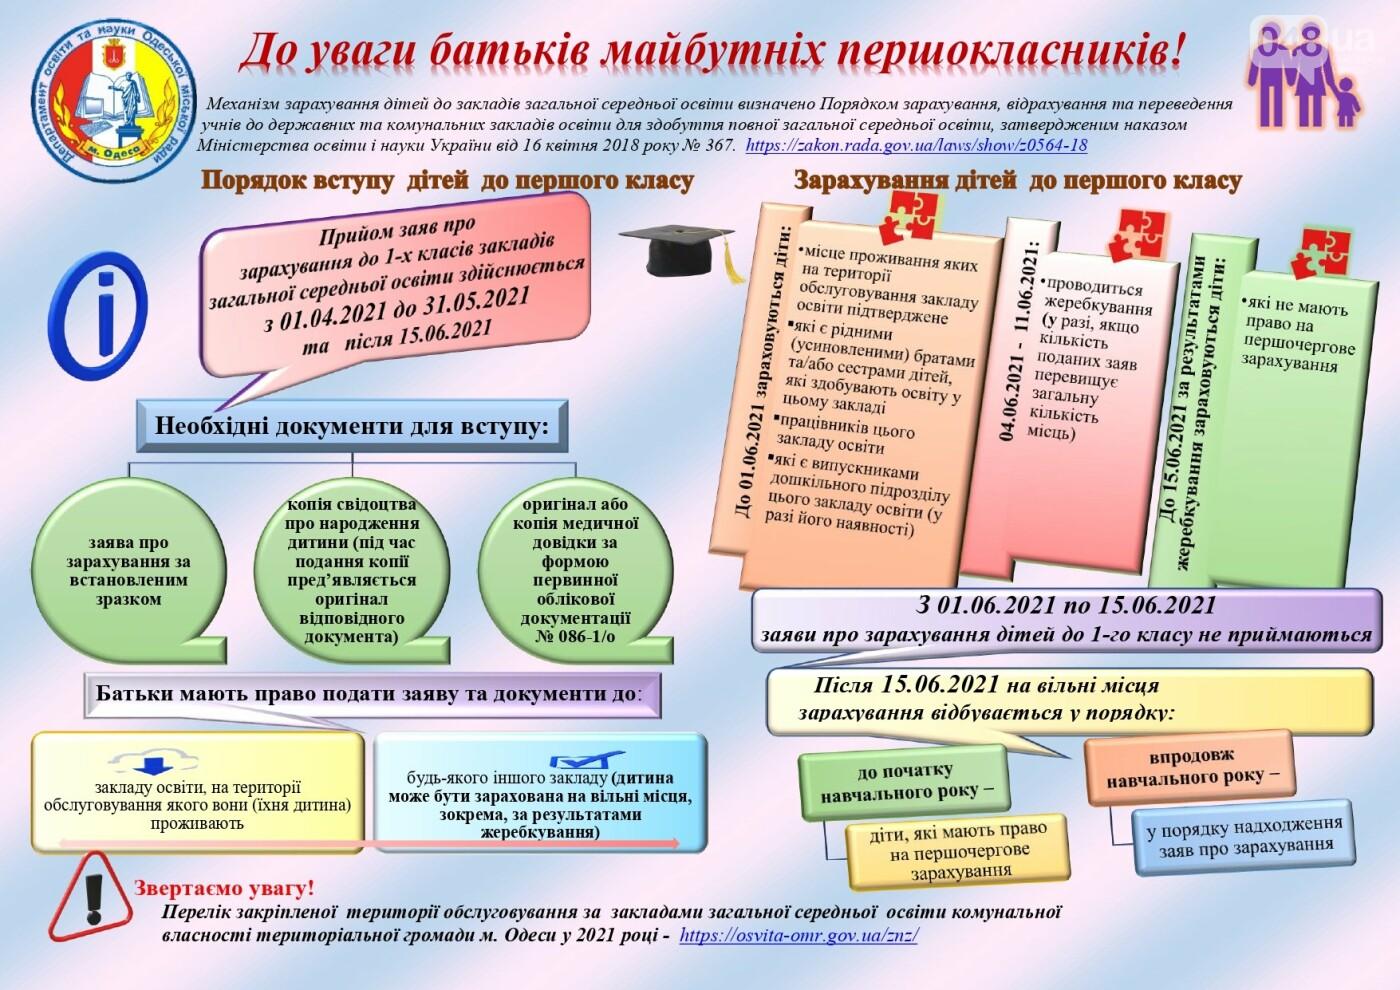 С апреля в Одессе стартует компания по зачислению детей в школы, фото-1